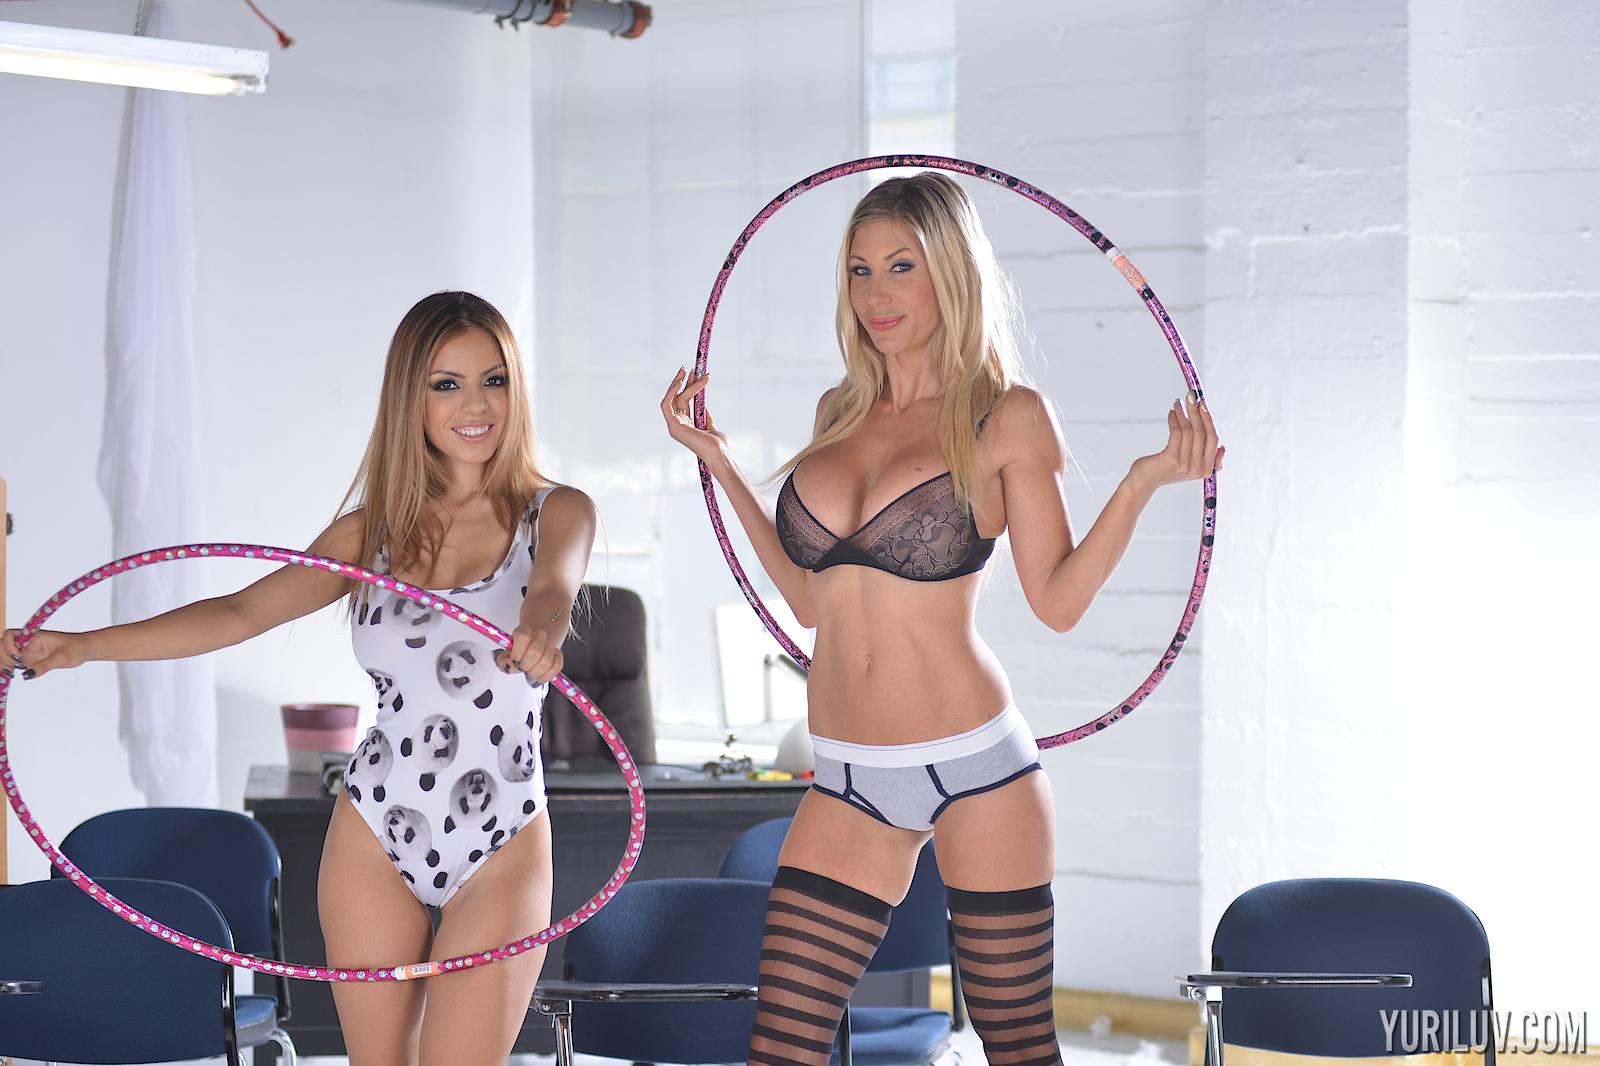 Puma Swede and Yuri Avluv Big Boobs Hula Hoop Girls 001